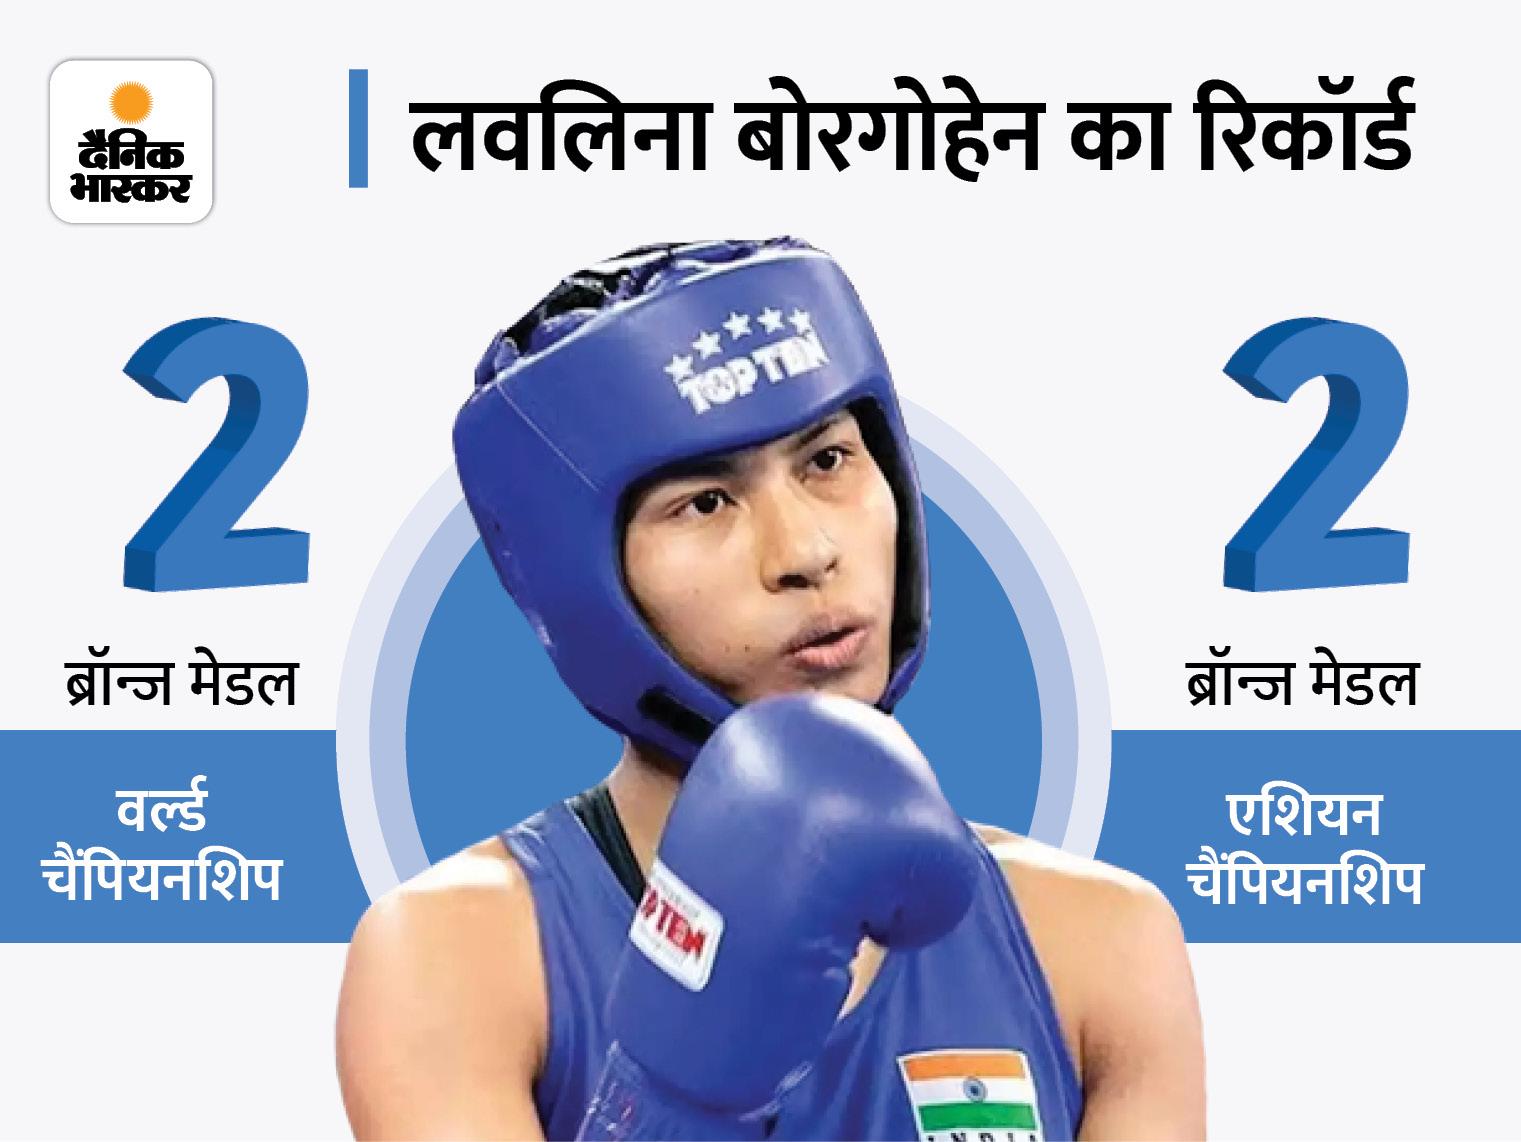 भारतीय मुक्केबाज लवलिना बोरगोहेन क्वार्टर फाइनल में, शूटिंग में चारों जोड़ियां बाहर; हॉकी में जोरदार वापसी|टोक्यो ओलिंपिक,Tokyo Olympics - Dainik Bhaskar